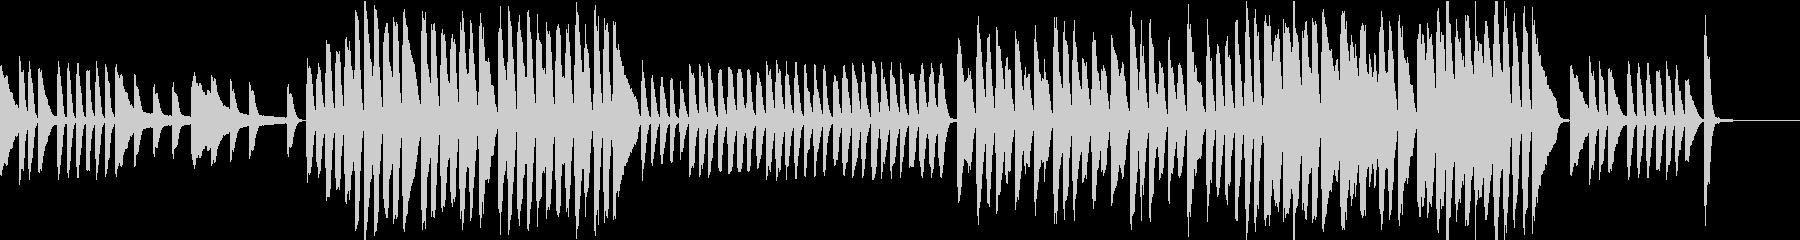 ほのぼのした雰囲気のピアノBGMの未再生の波形